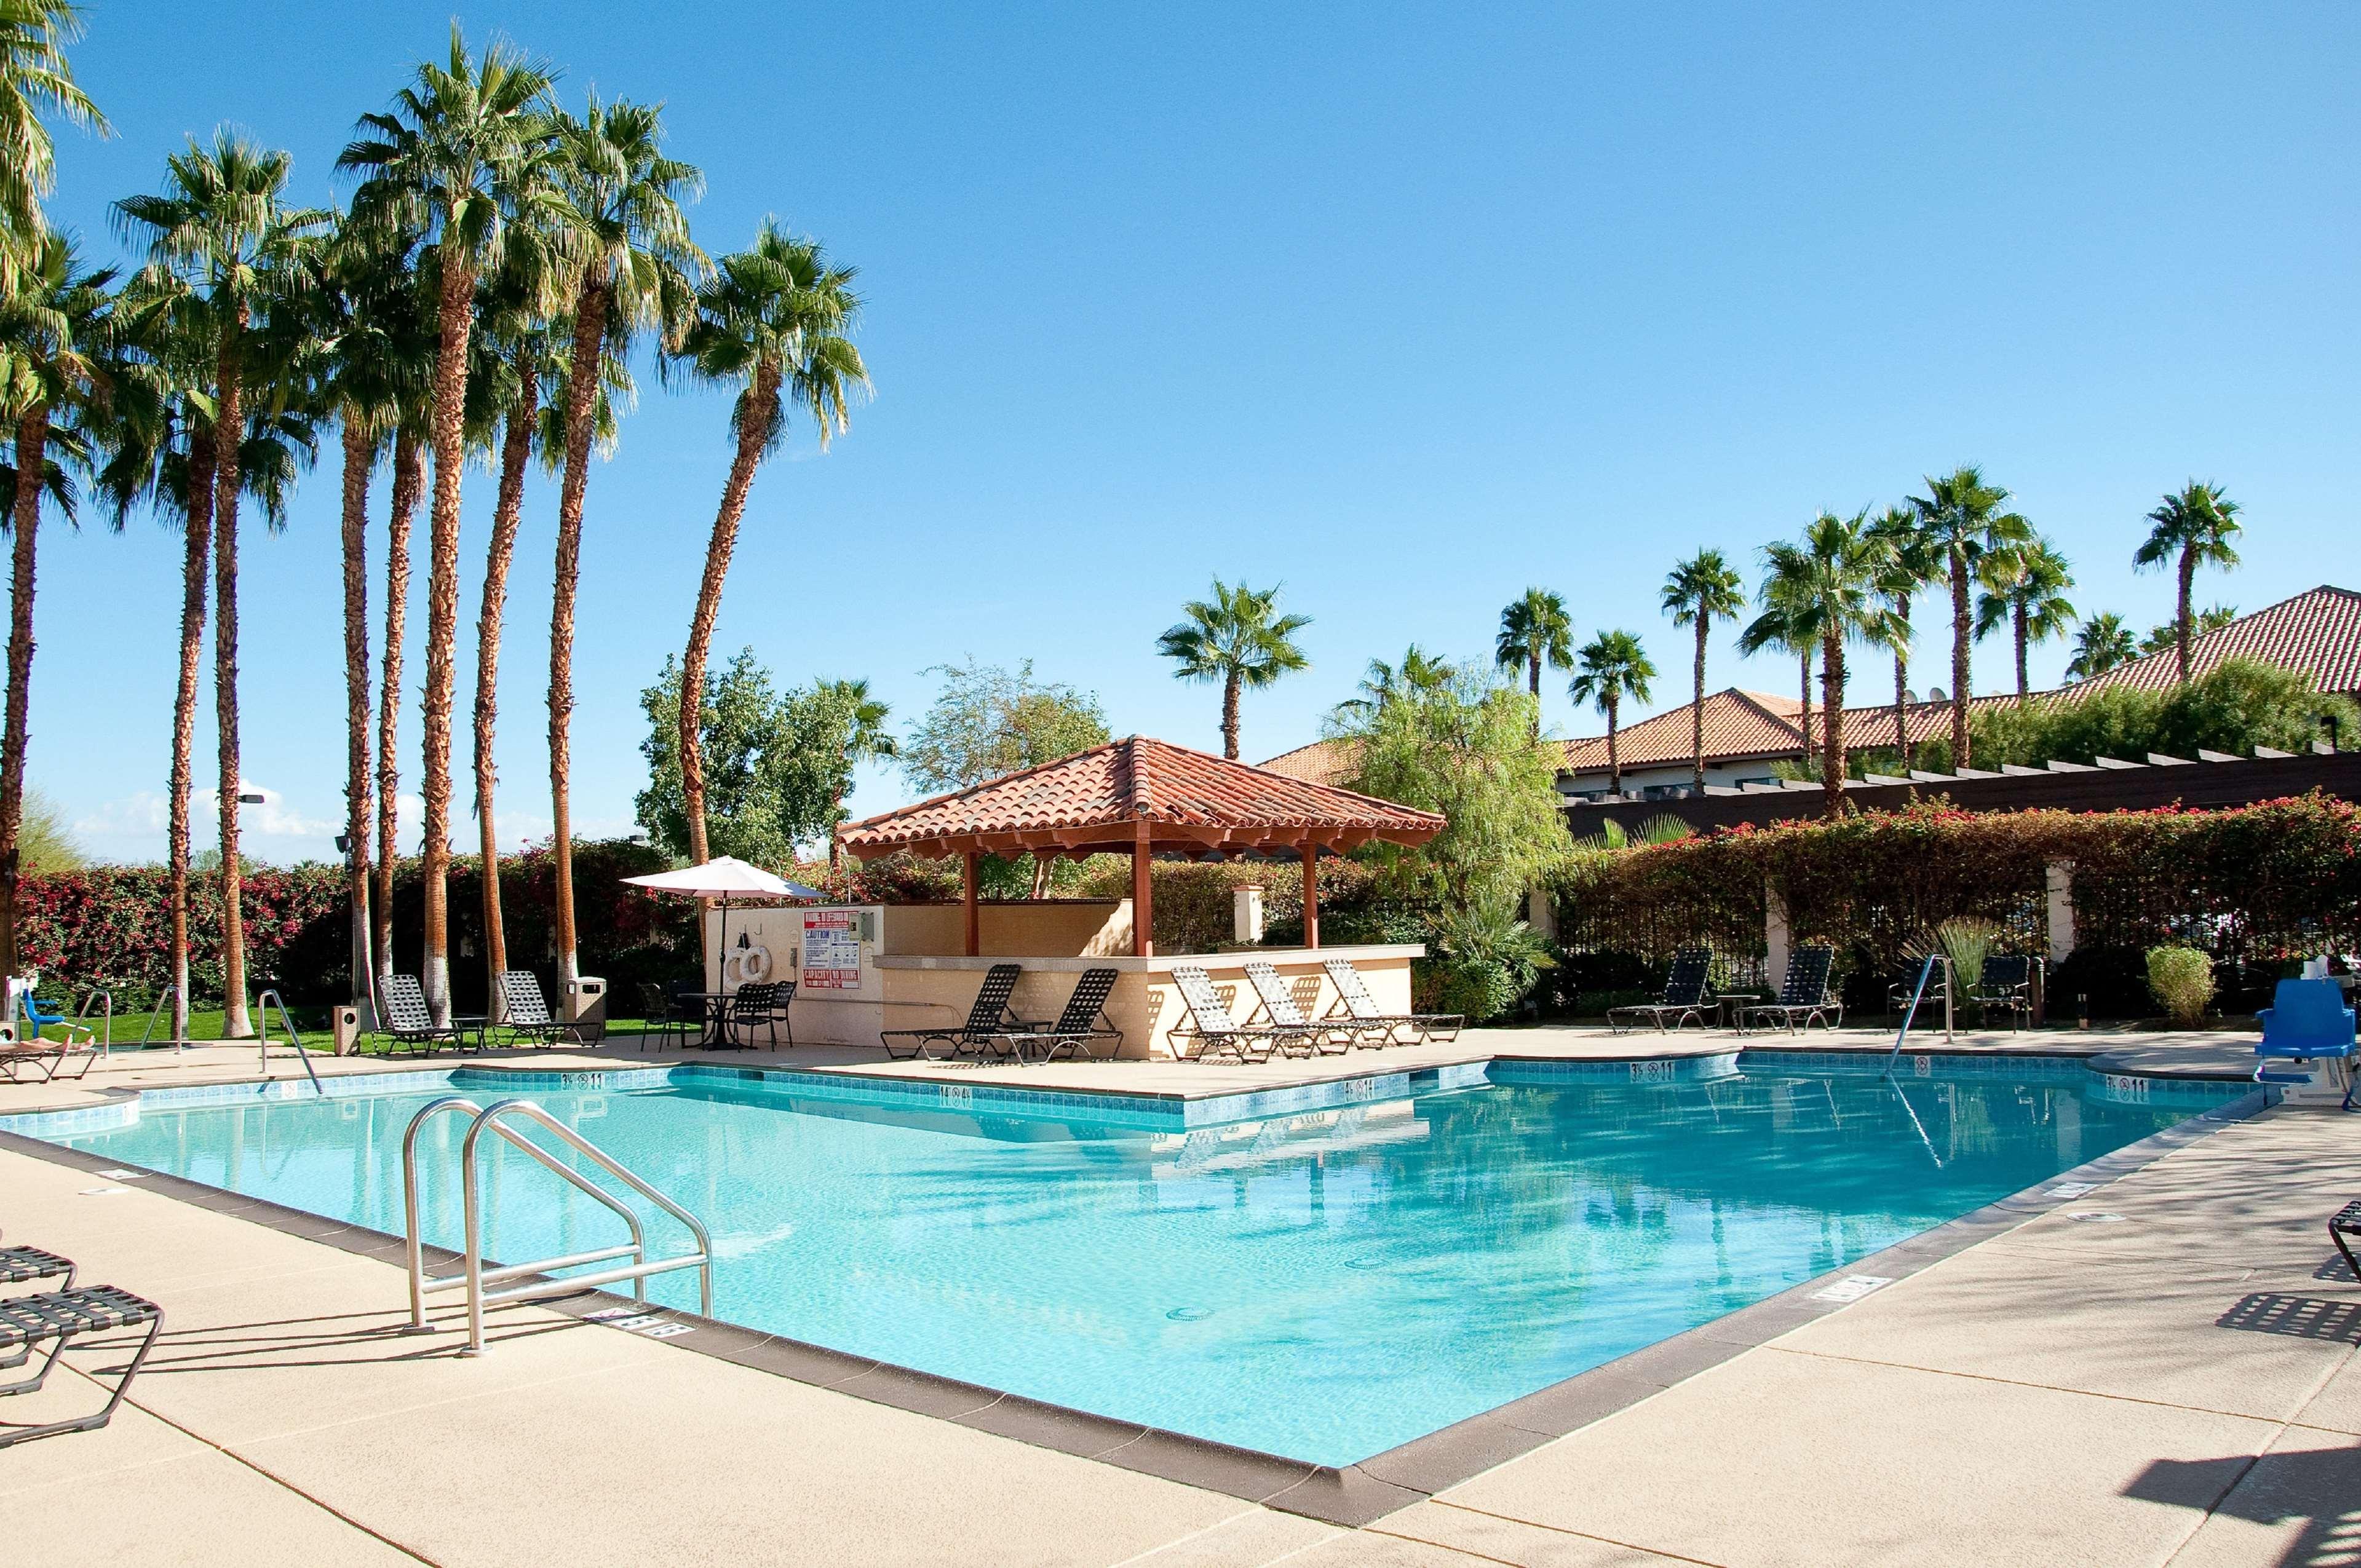 Hilton Garden Inn Palm Springs/Rancho Mirage image 8